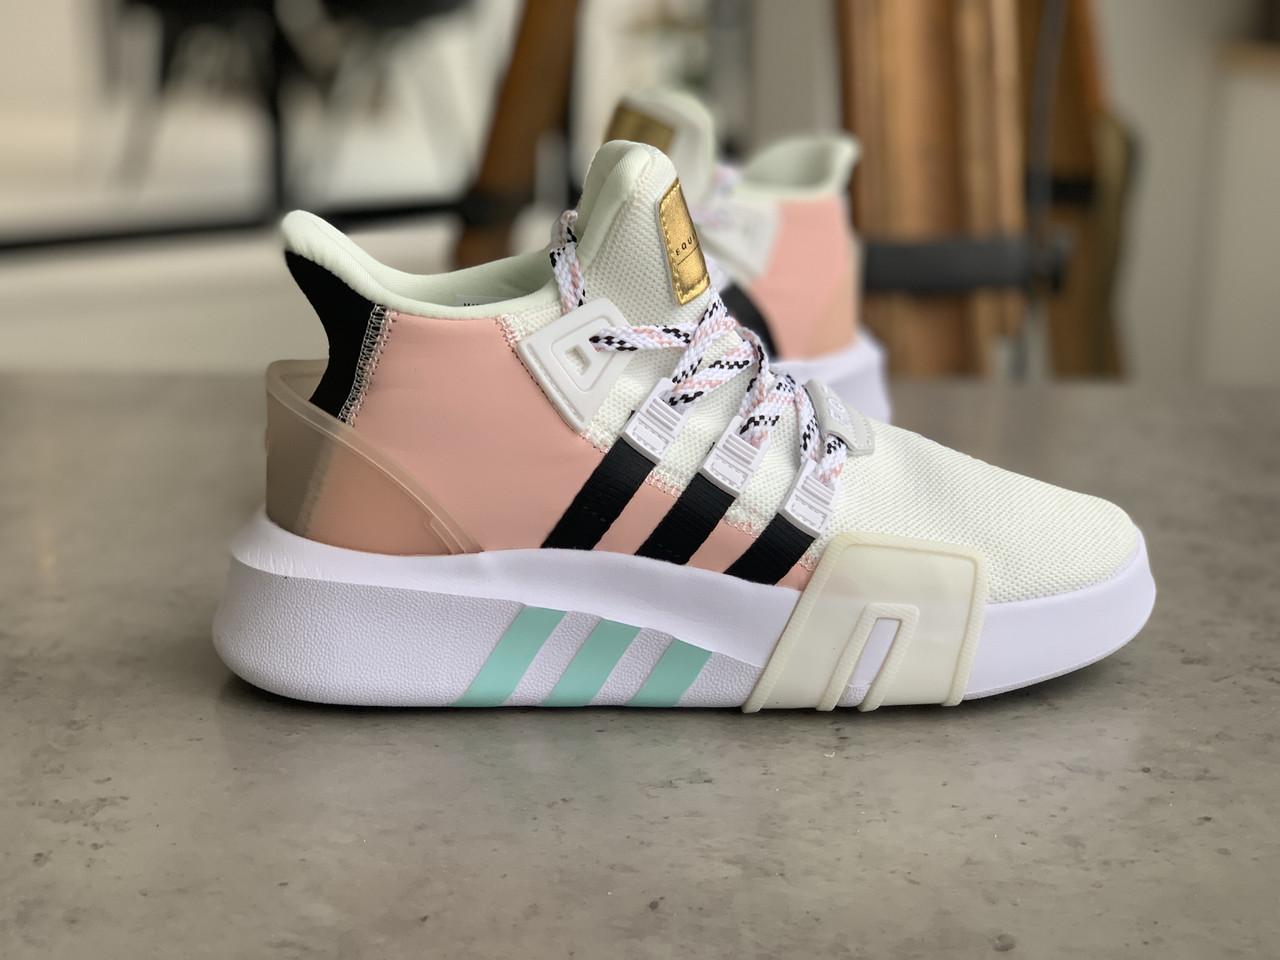 Женские высокие кроссовки Adidas EQT Bask Adv Адидас Ект Баск Белые